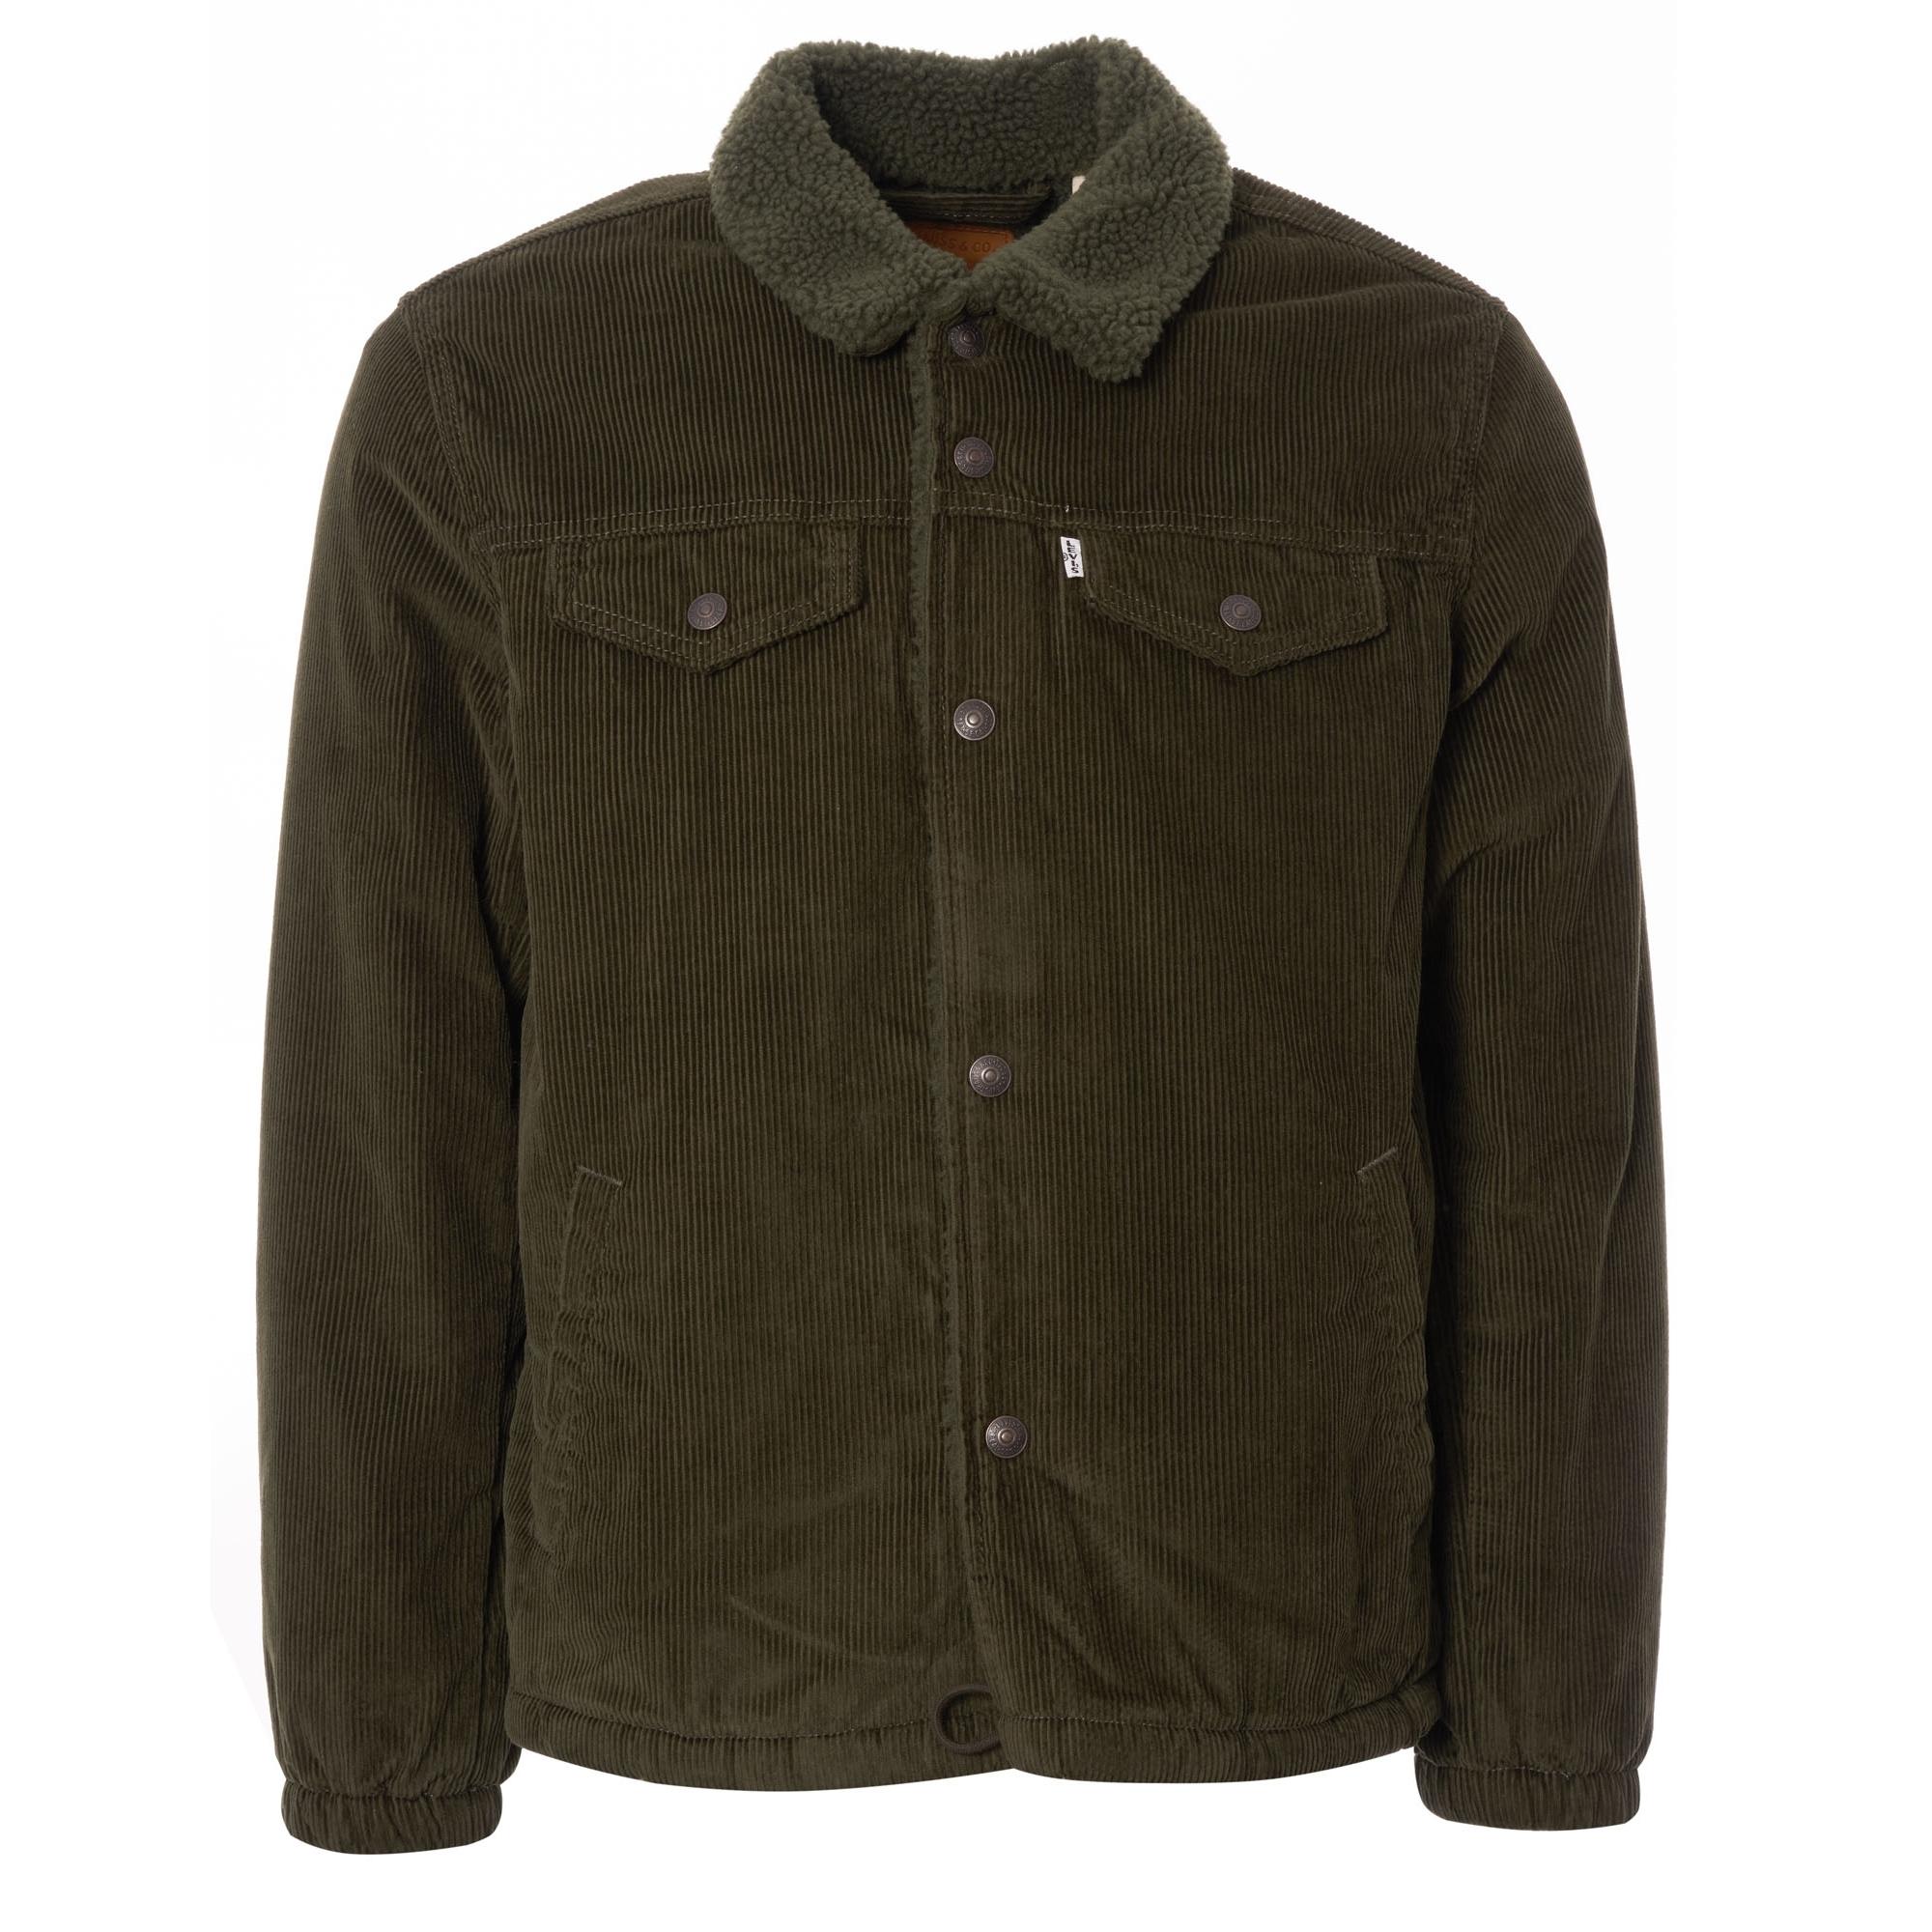 16c3d41ada7 Levis sherpa trucker jacket green corduroy jpg 2000x2000 Levis sherpa  trucker jacket